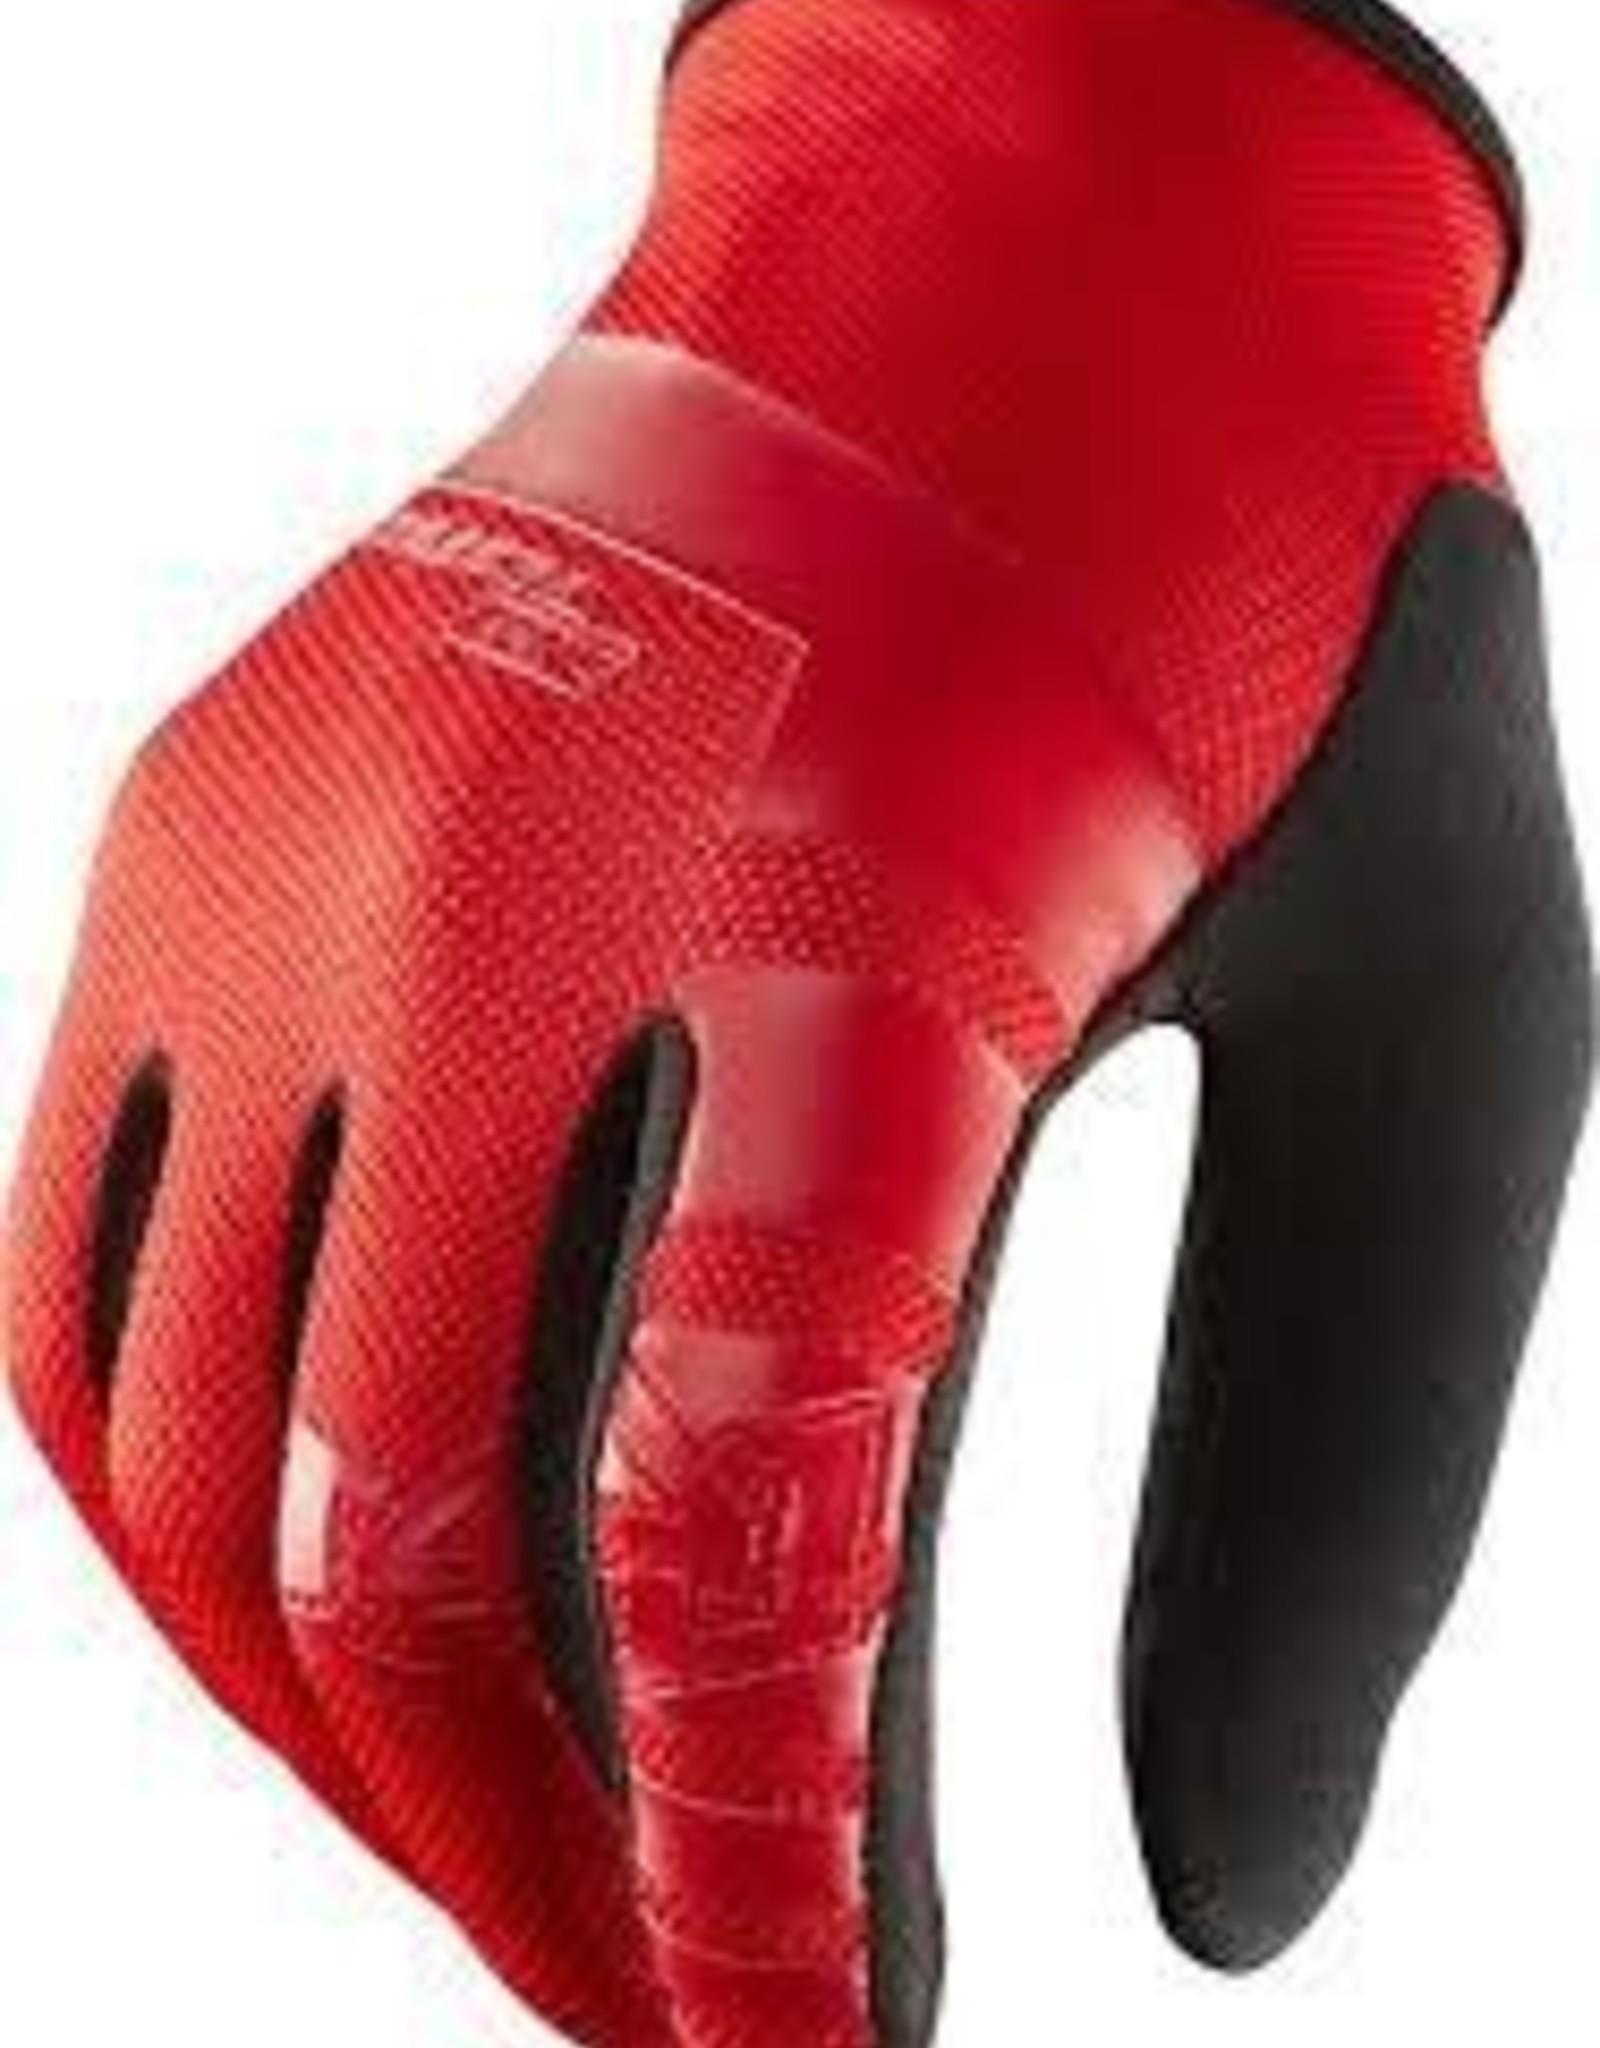 Royal Core Men's Full Finger Glove: Flo Red/Black MD